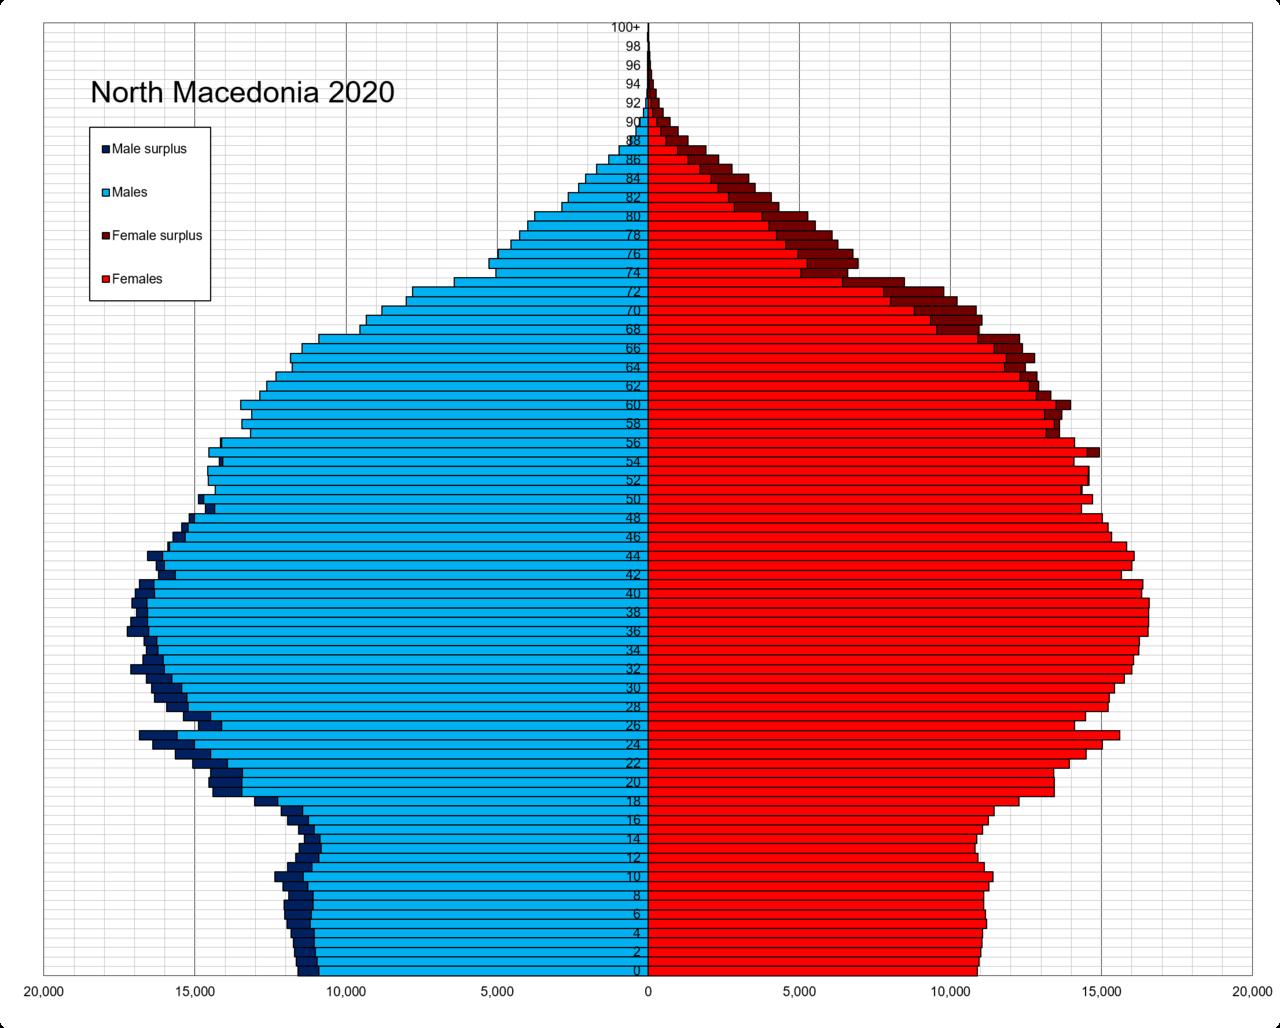 Edi Rama: Težnja je da ujedinim Albaniju sa Kosovom - Page 2 1280px-North_Macedonia_single_age_population_pyramid_2020